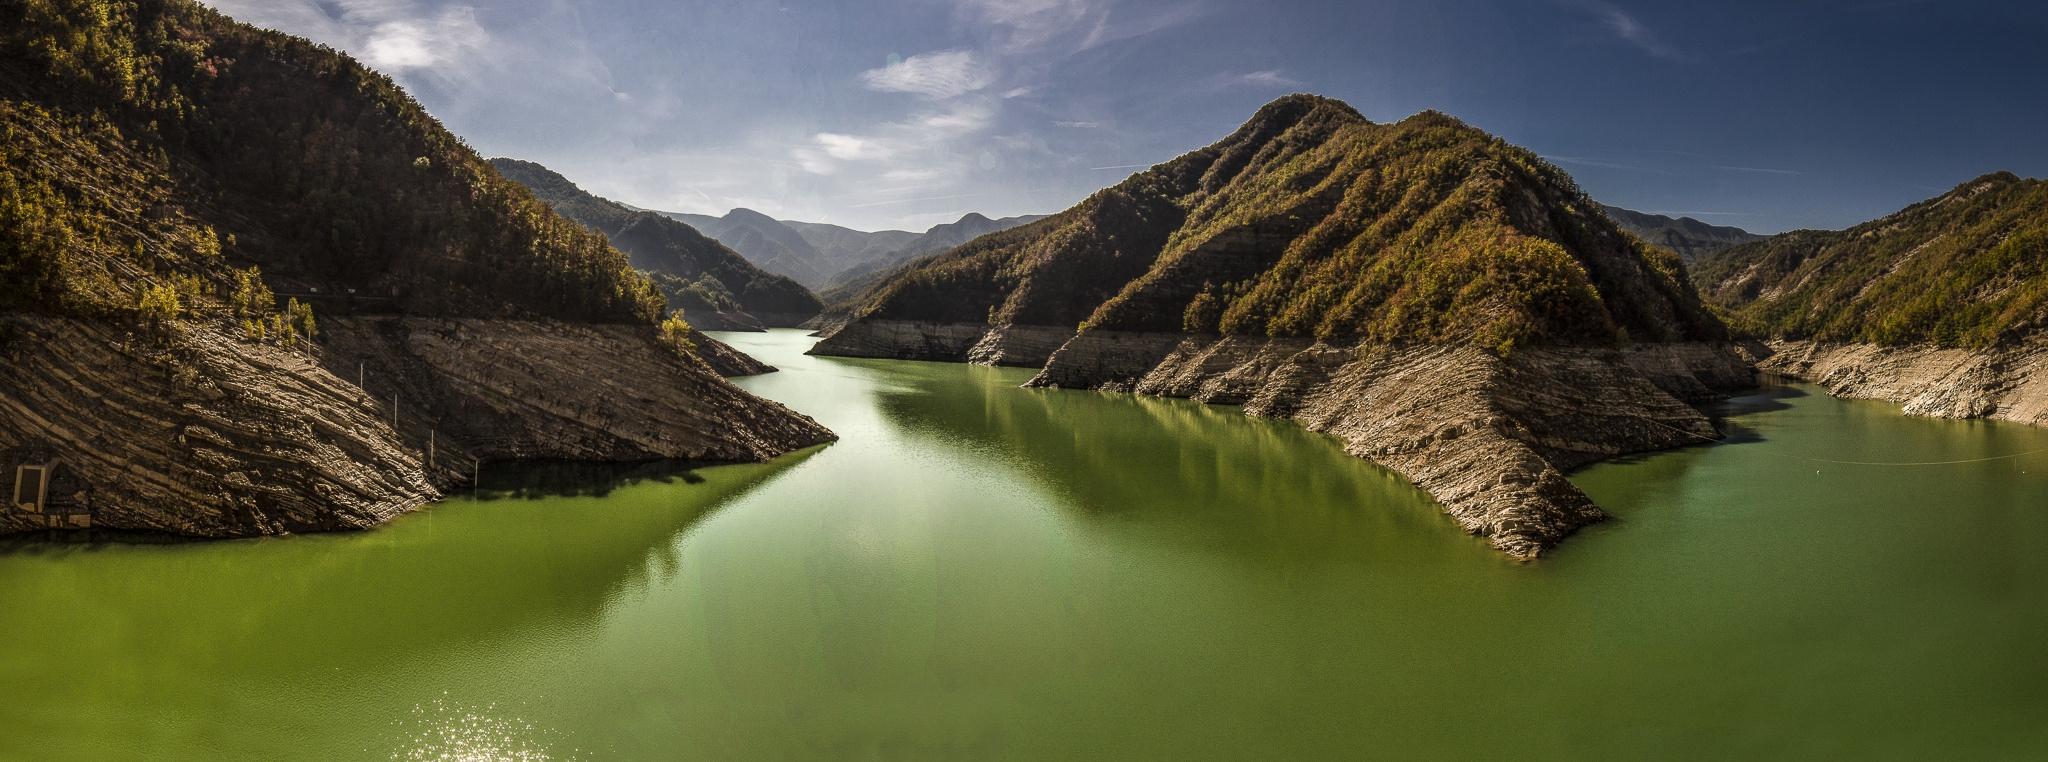 Una panoramica della diga - Angelo nastri nacchio - Santa Sofia (FC)